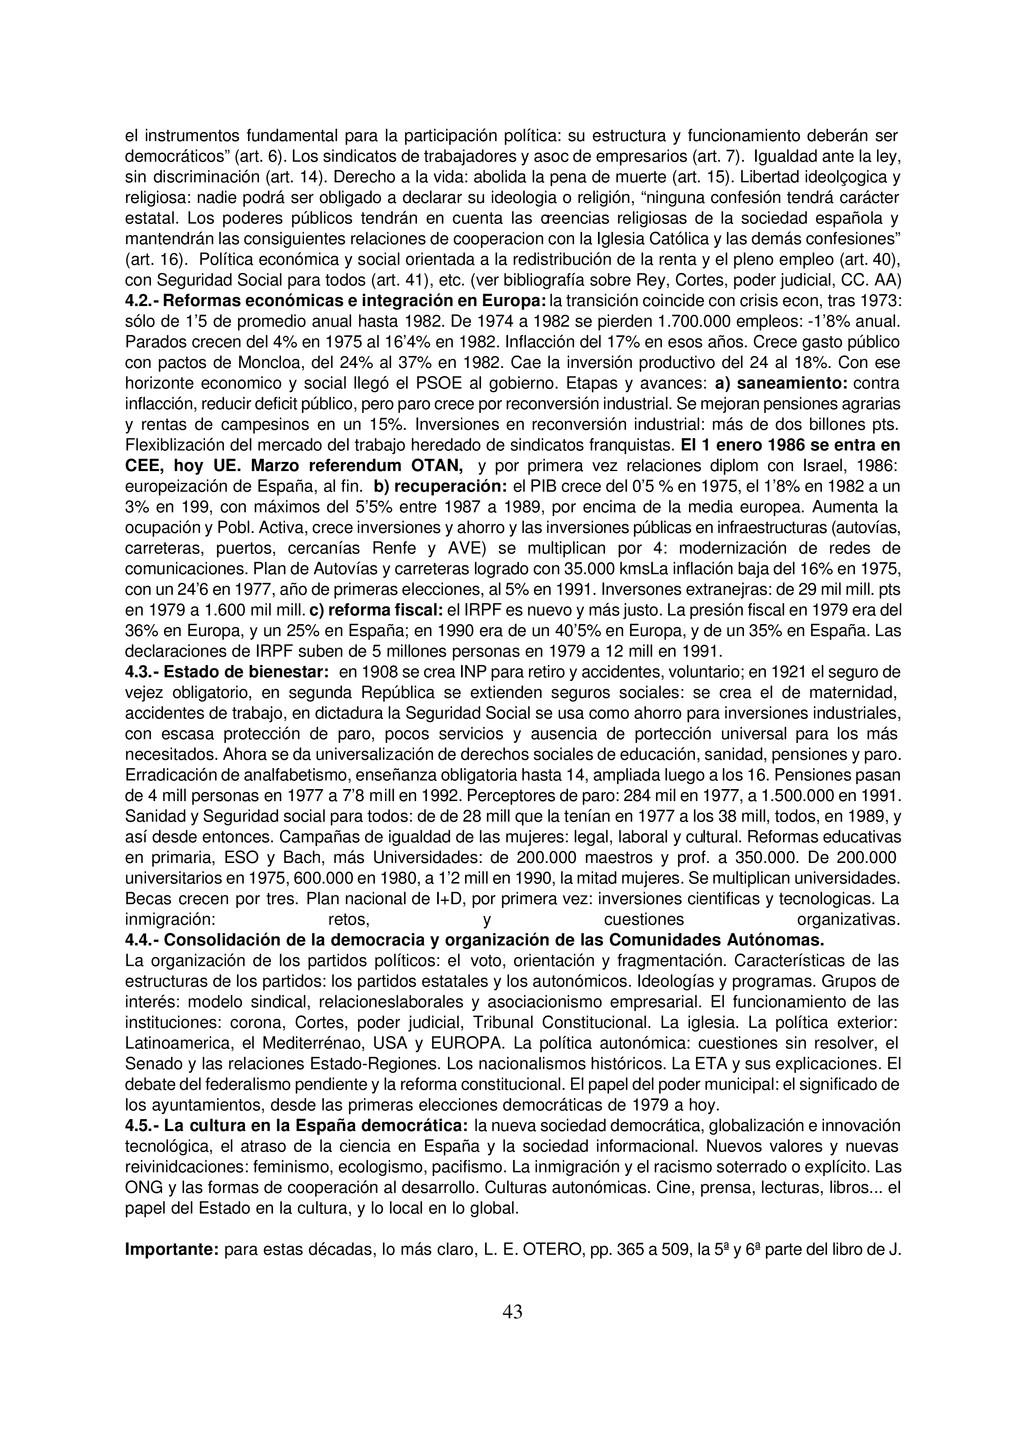 43 el instrumentos fundamental para la particip...